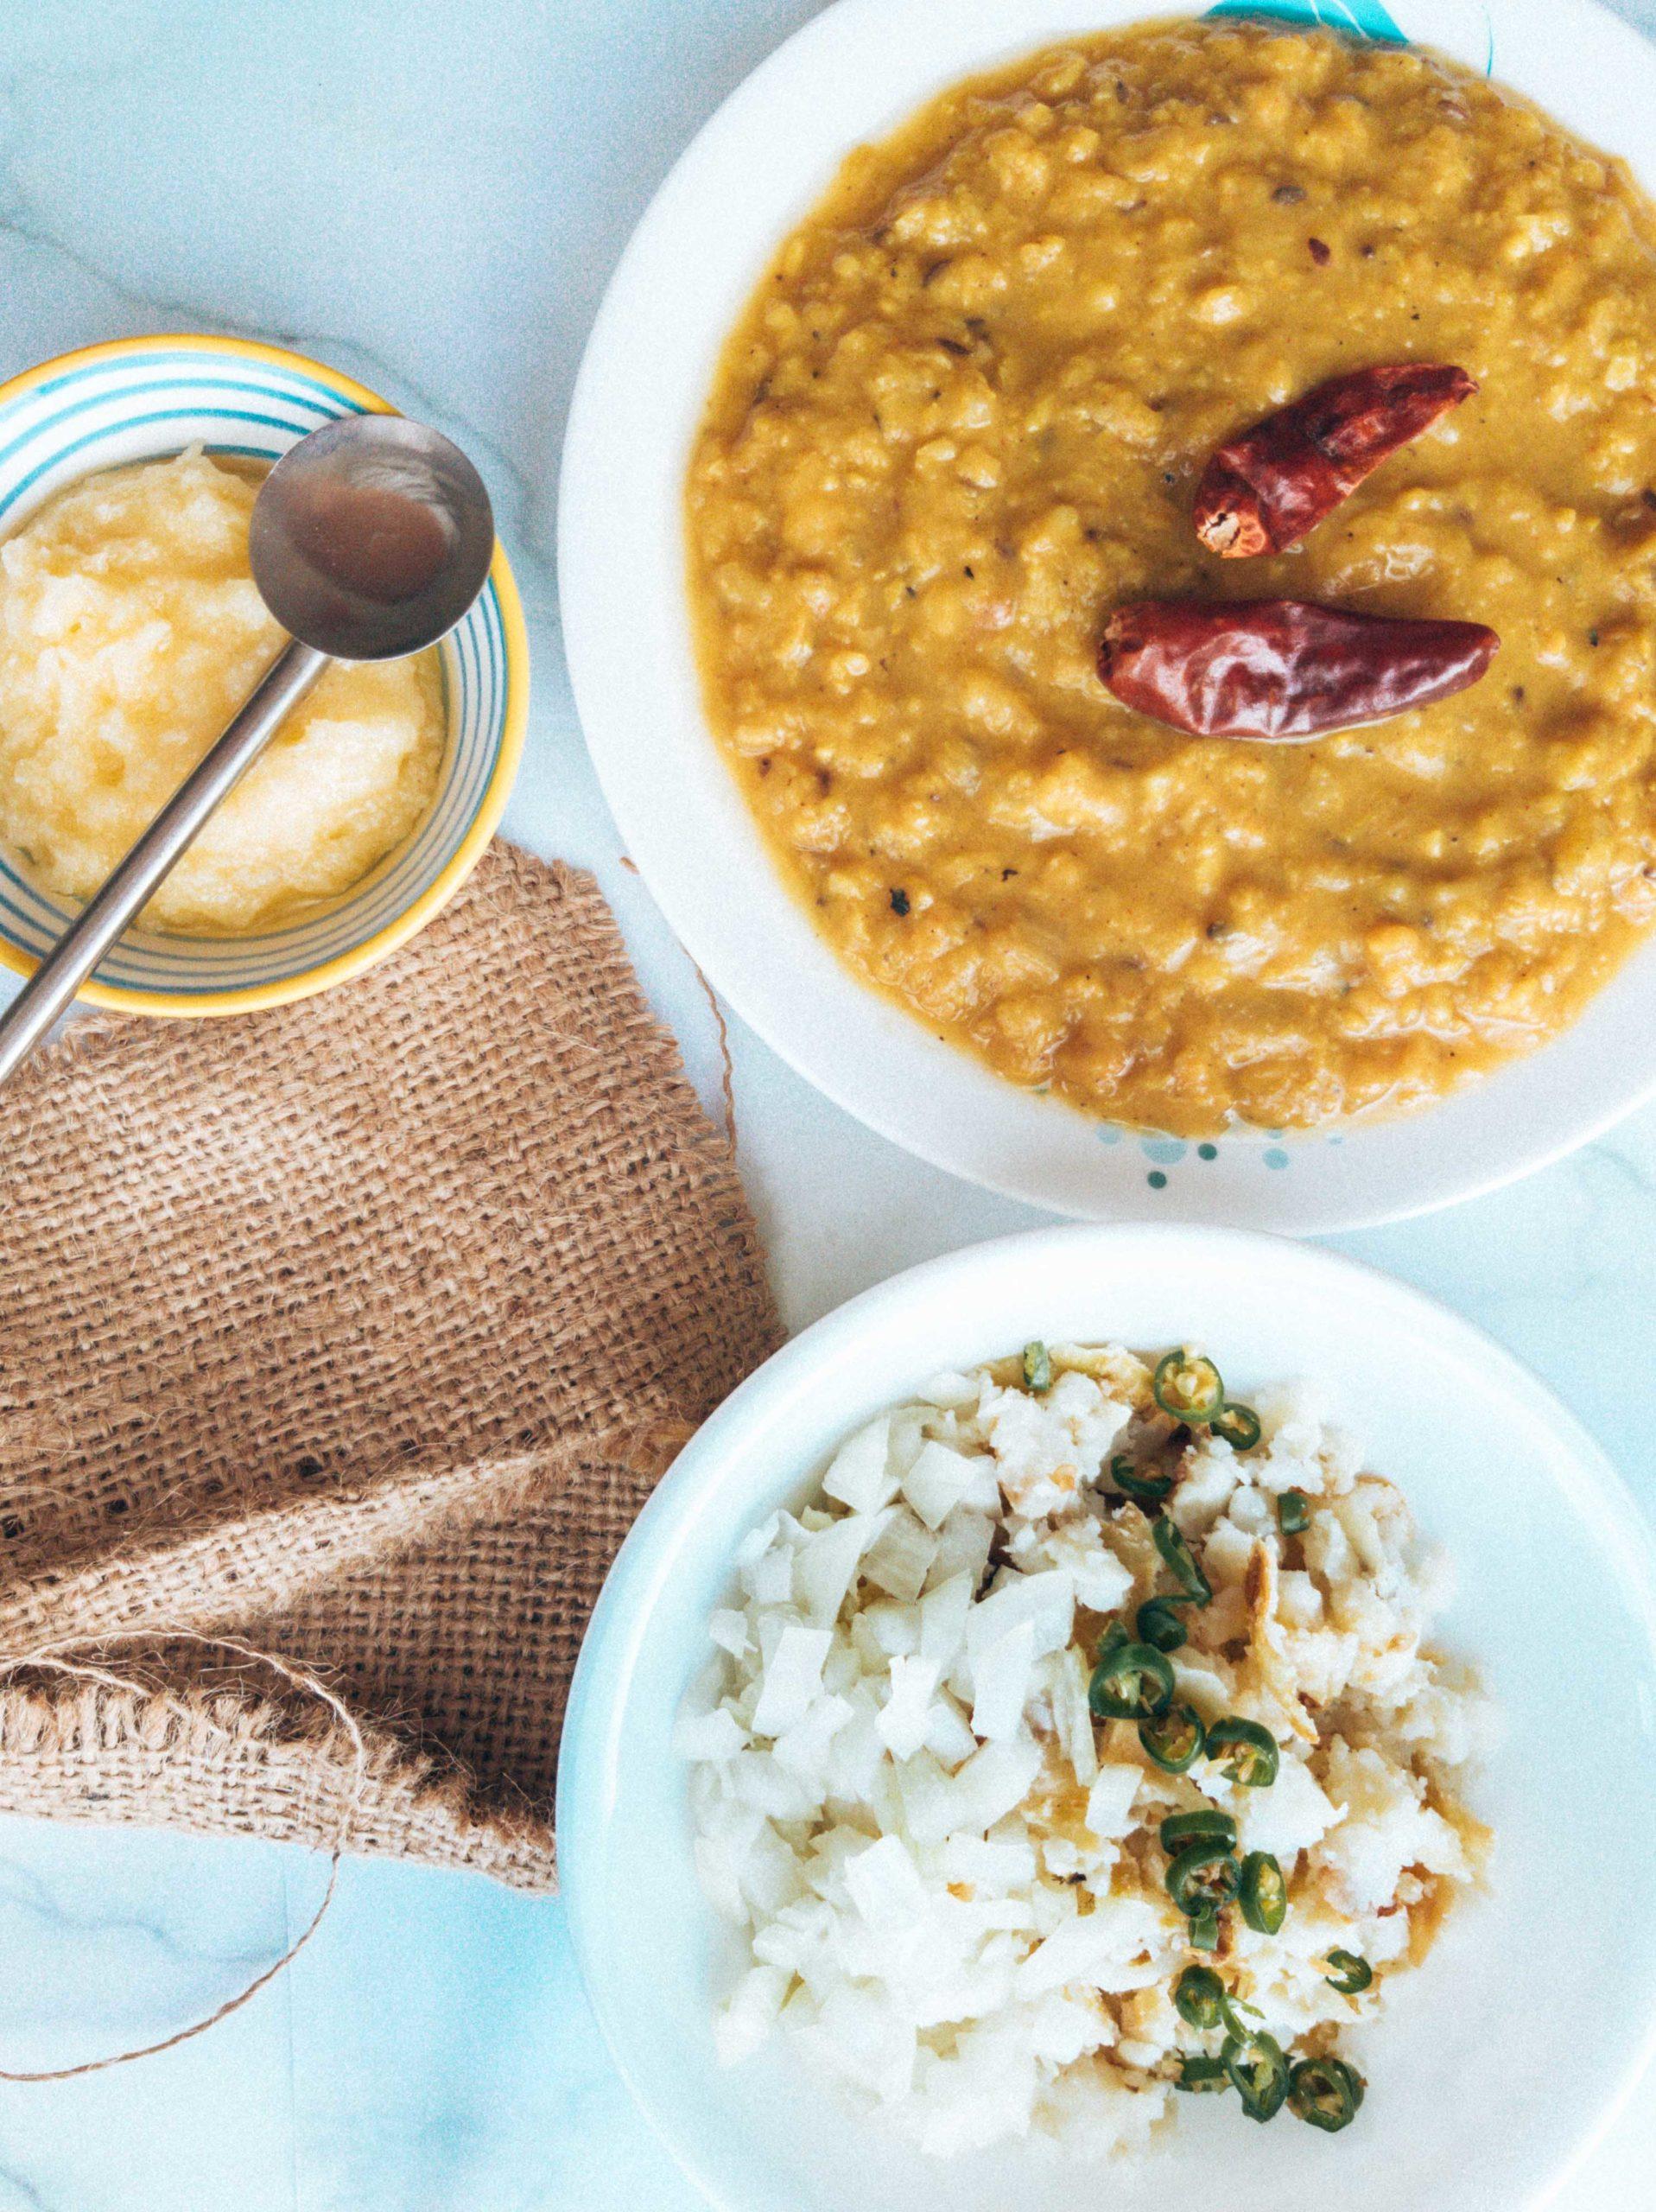 flatlay of food showing indian rajasthani dish called daal baati